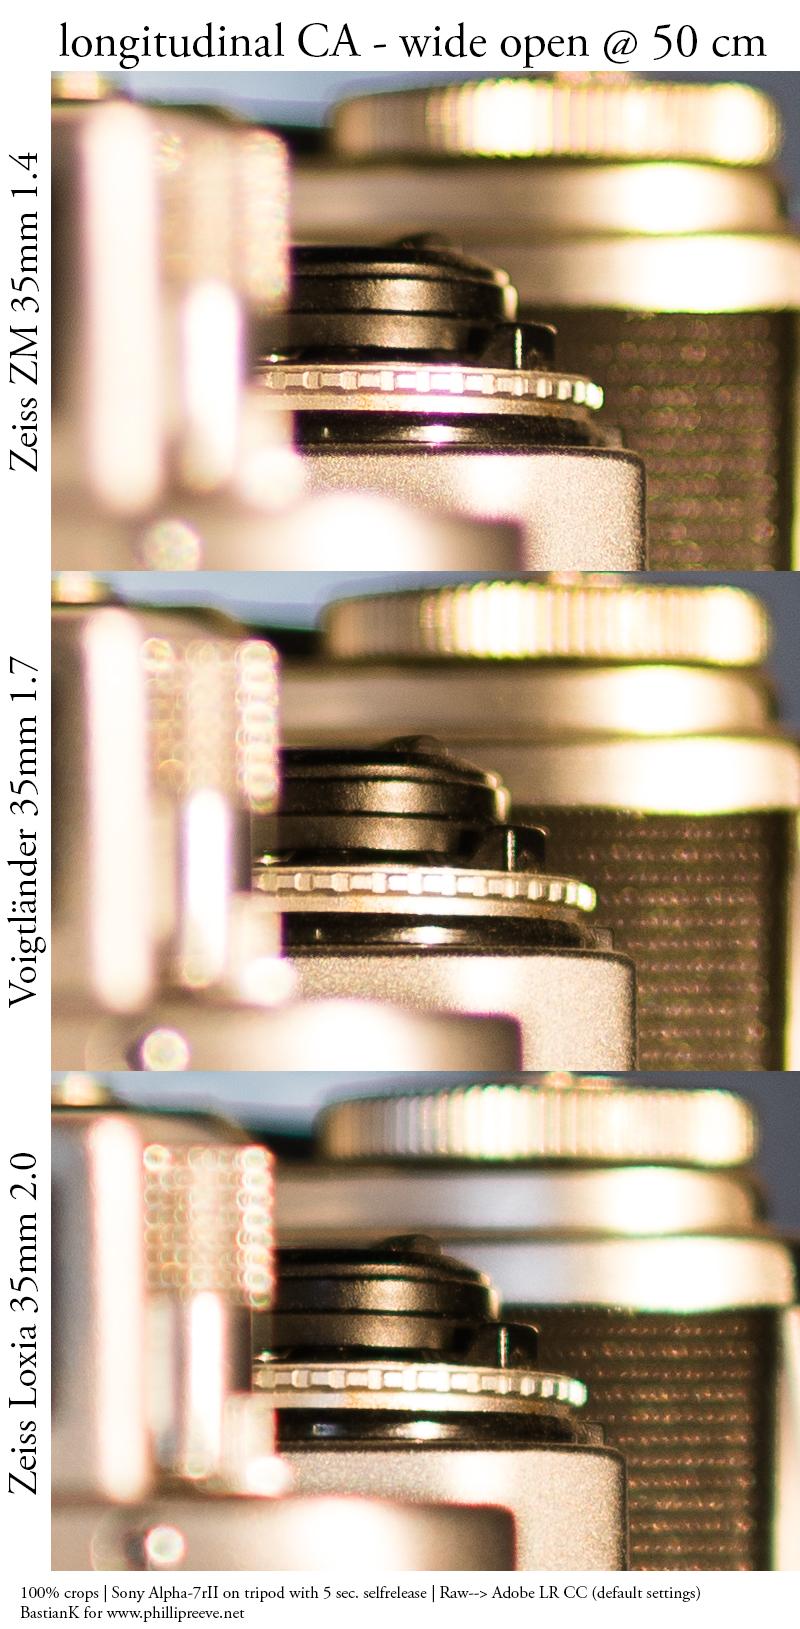 loxia zeiss zm 35mm 1.4 2.0 voigtländer 1.7 a7r sony a7rii a7rm2